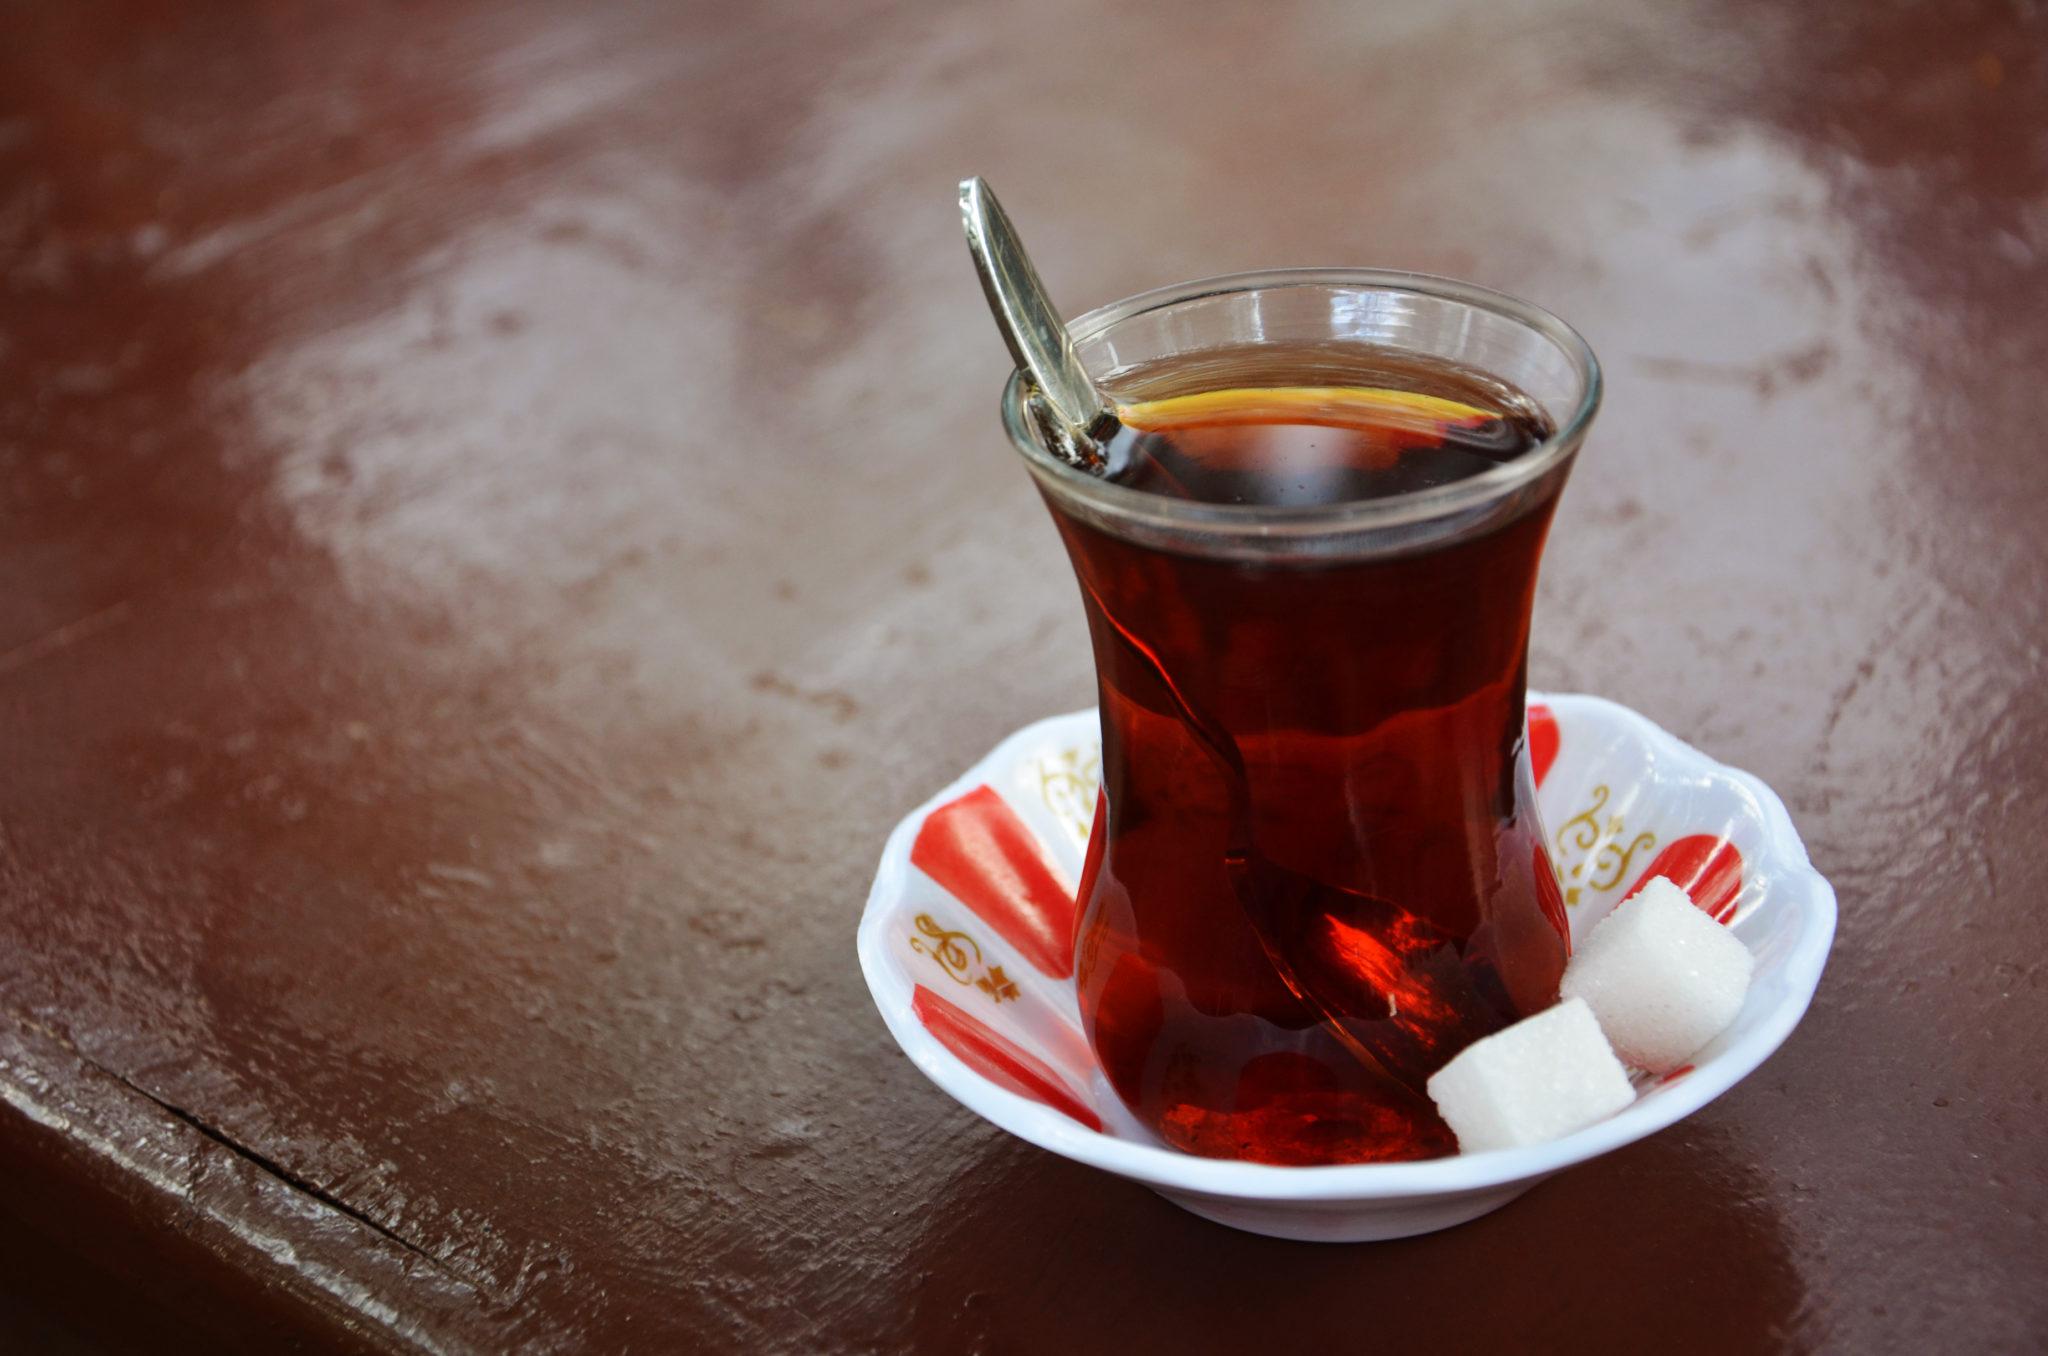 Tuerkei-Sehenswuerdigkeiten-Tuerkischer-Tee-Schwarztee